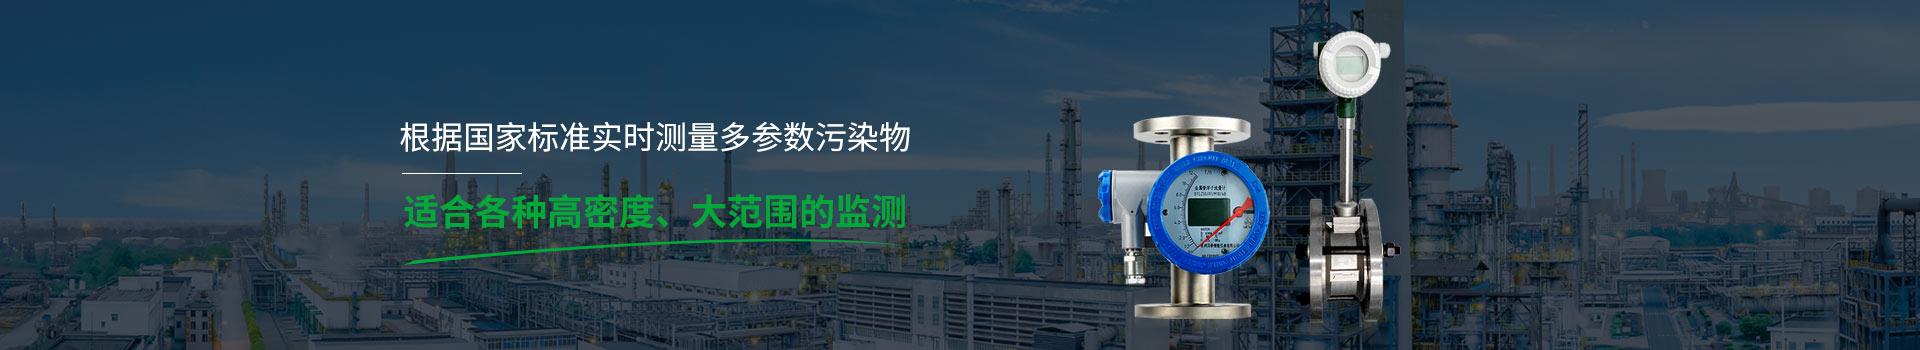 大气环境质量监测设备